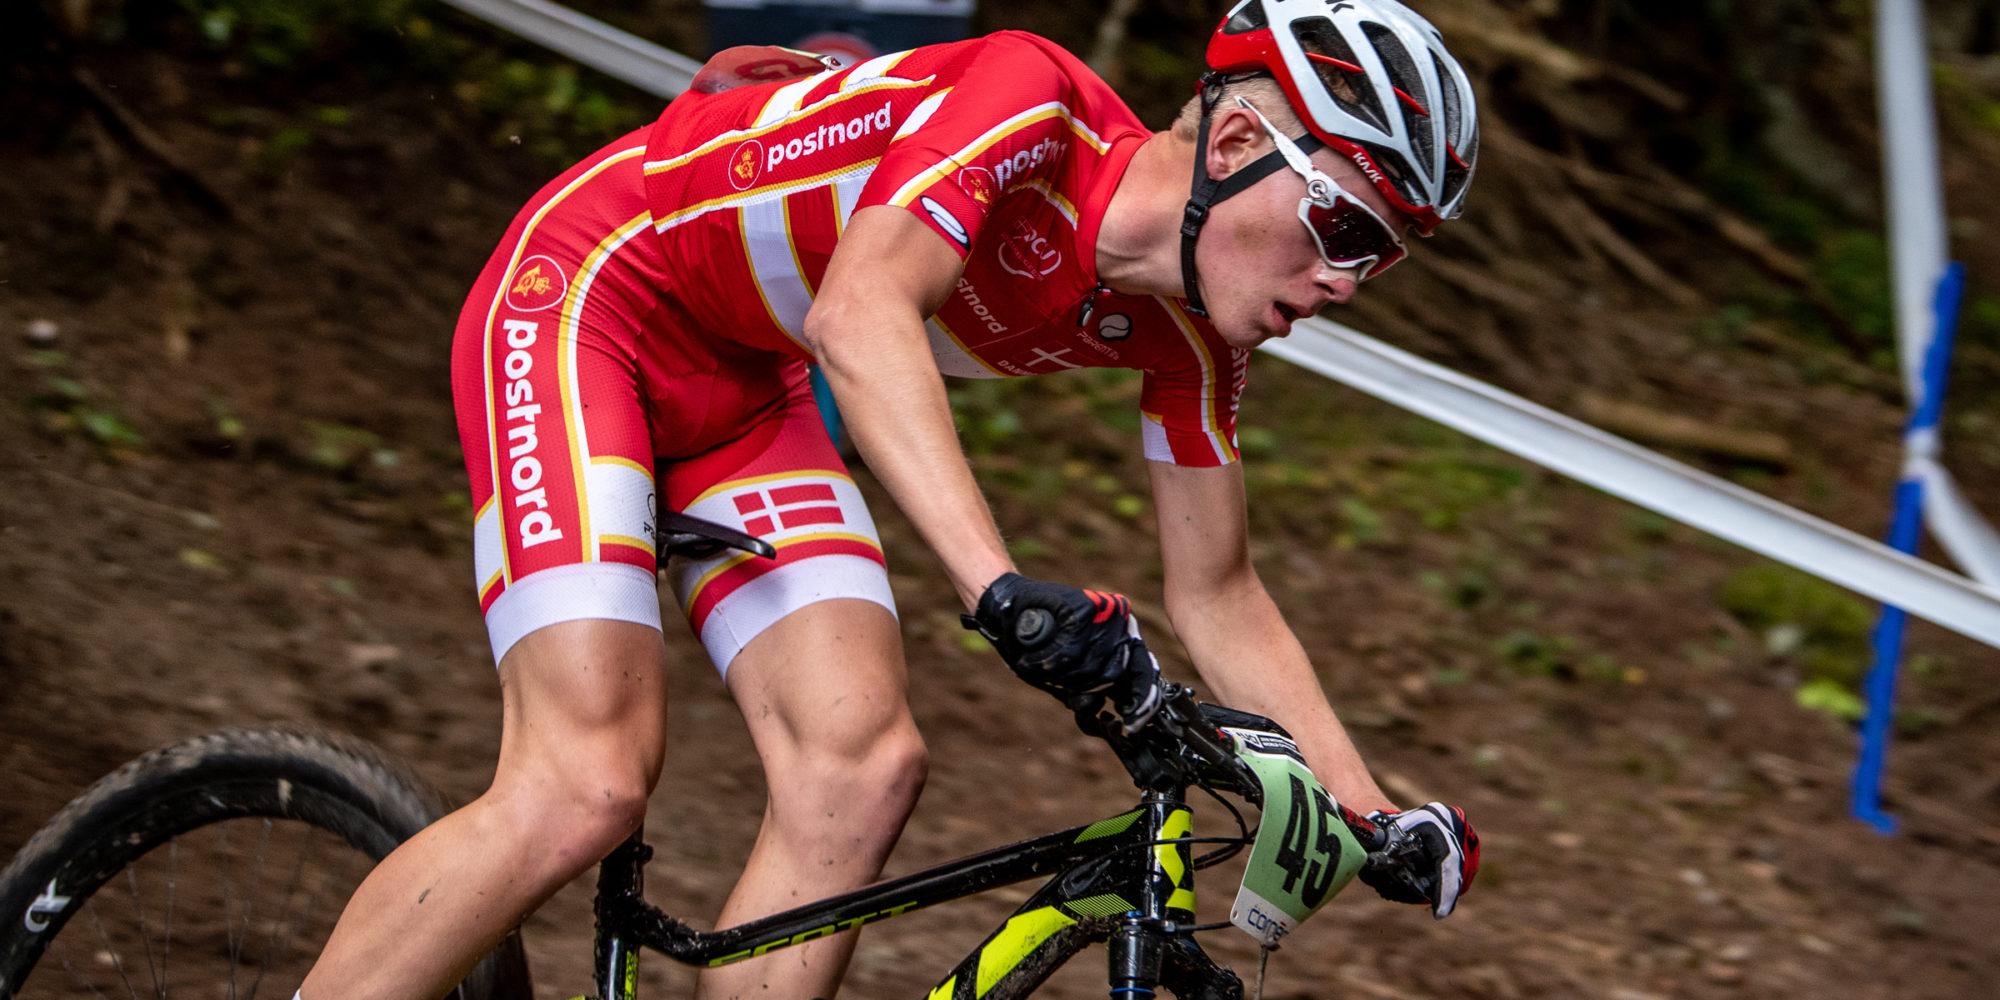 45, Millenium, Ian, , Cykling Odense, DEN